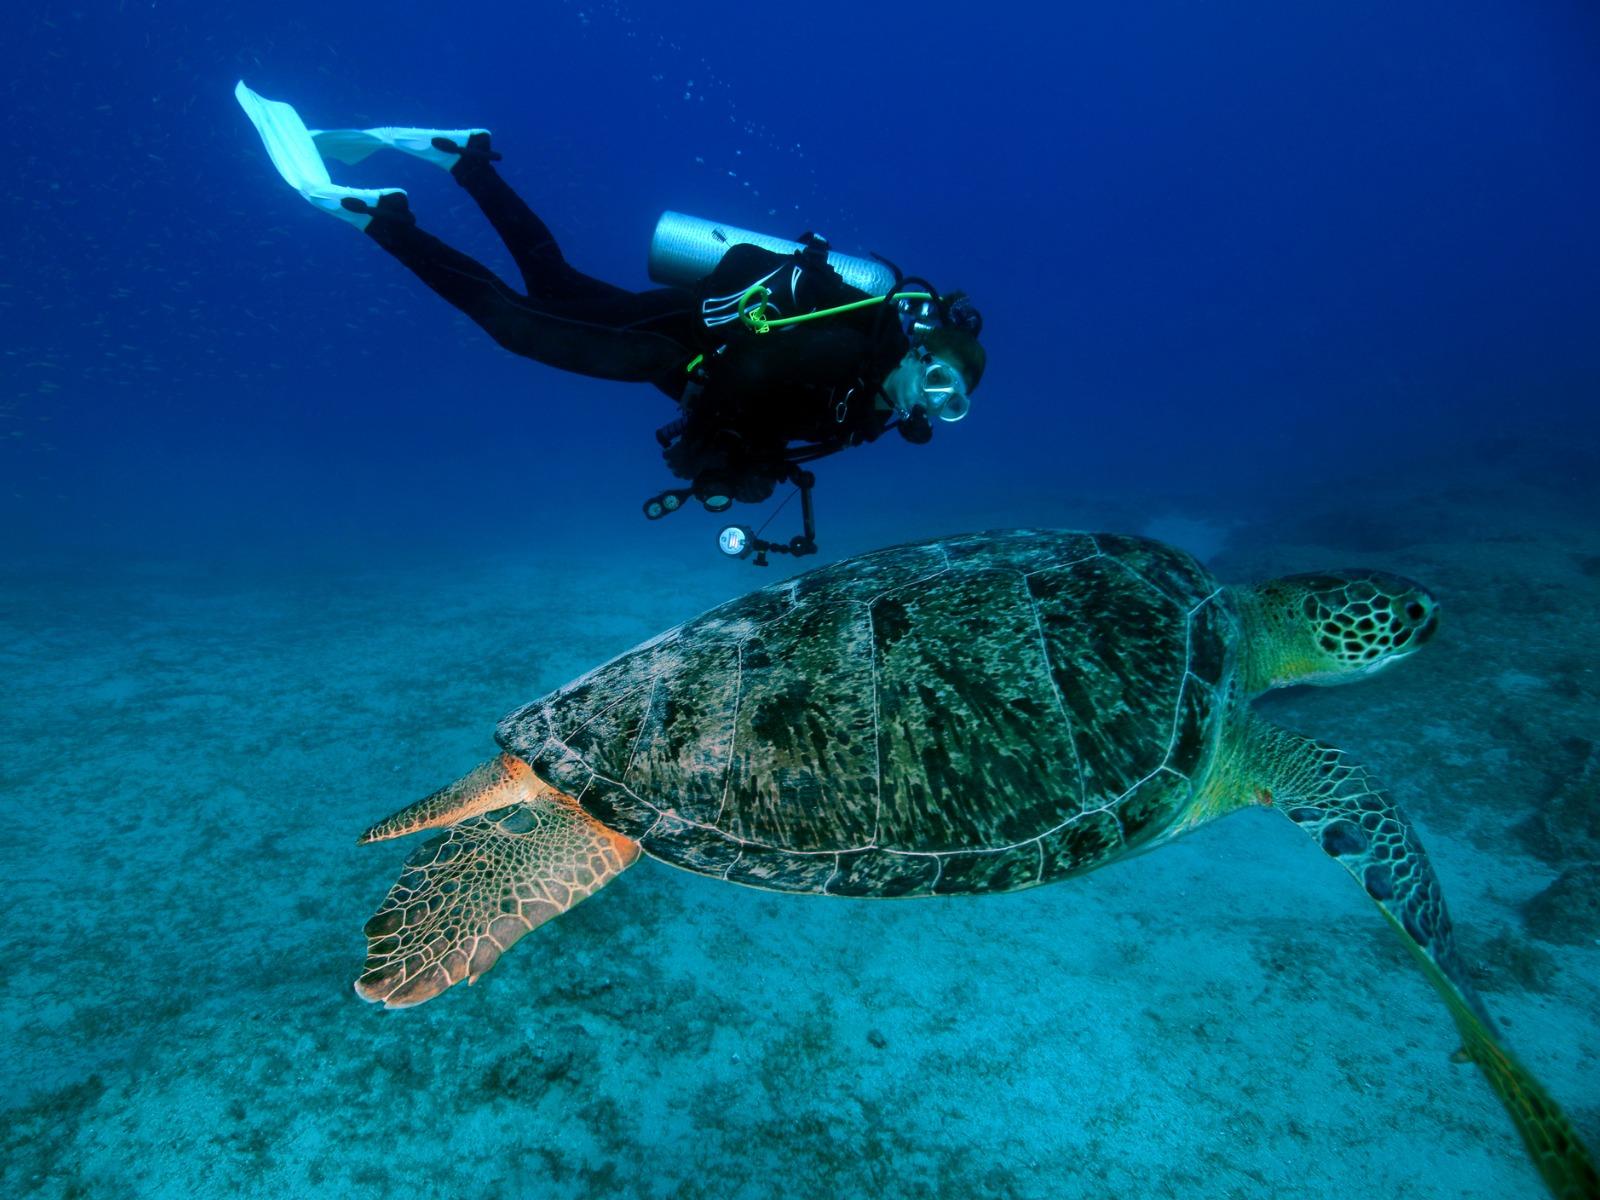 ダイビングツアーが魅力の海外スポット10選|海の大自然を満喫しよう